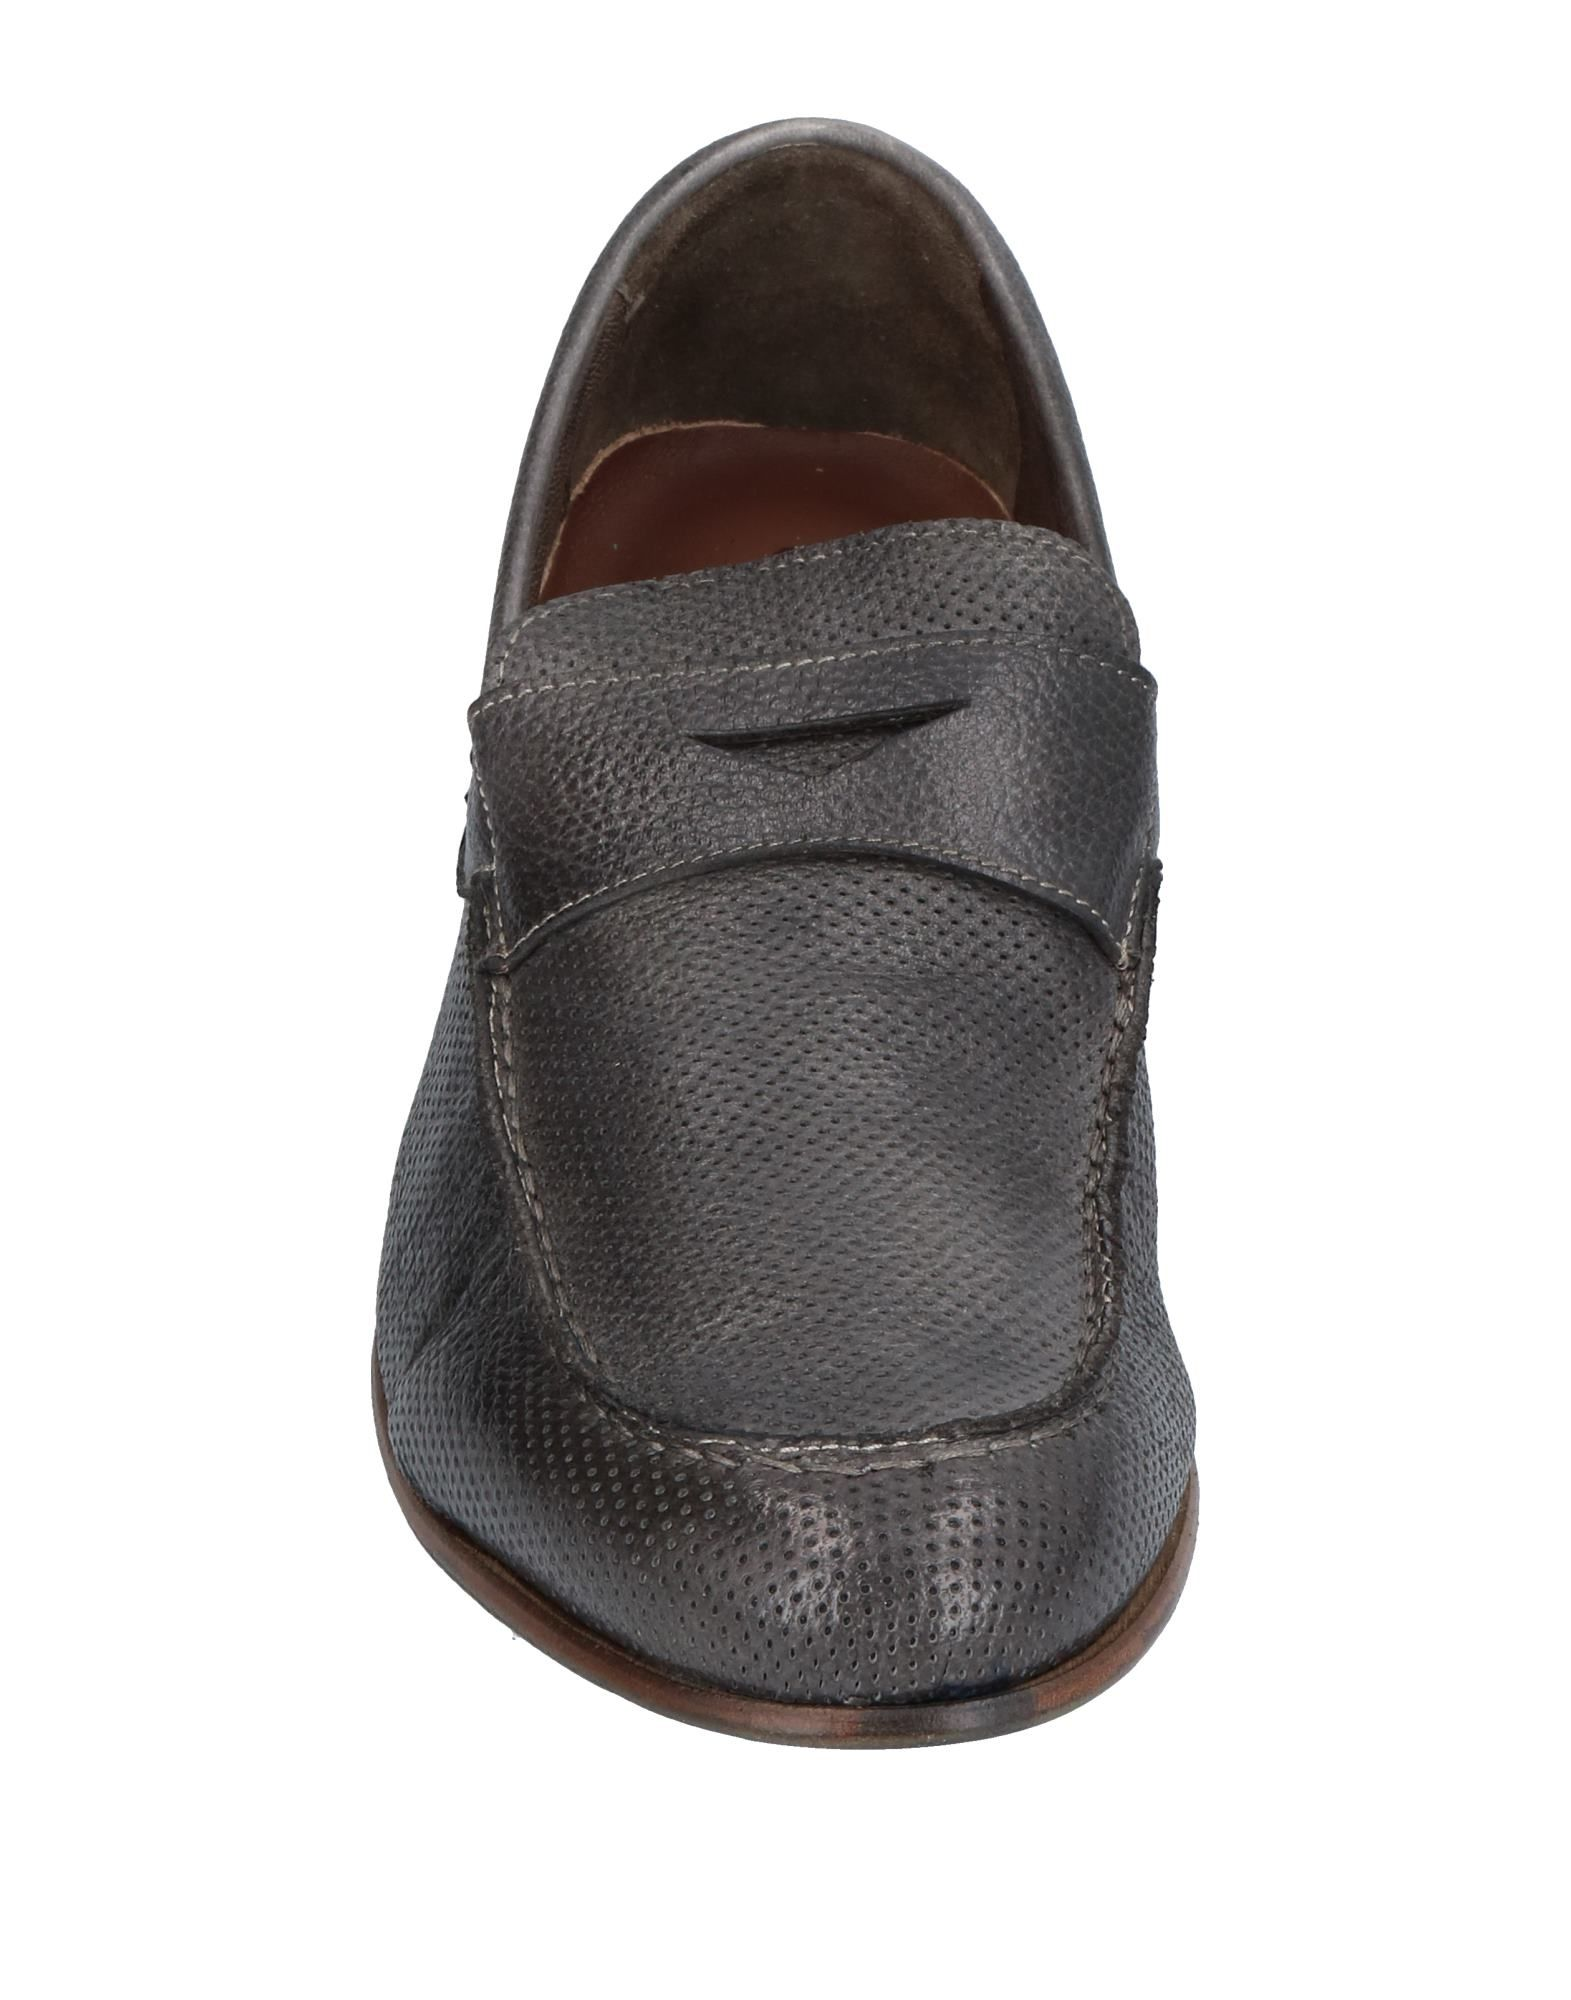 Rabatt echte Schuhe Jp/David Mokassins Herren  11361989JW